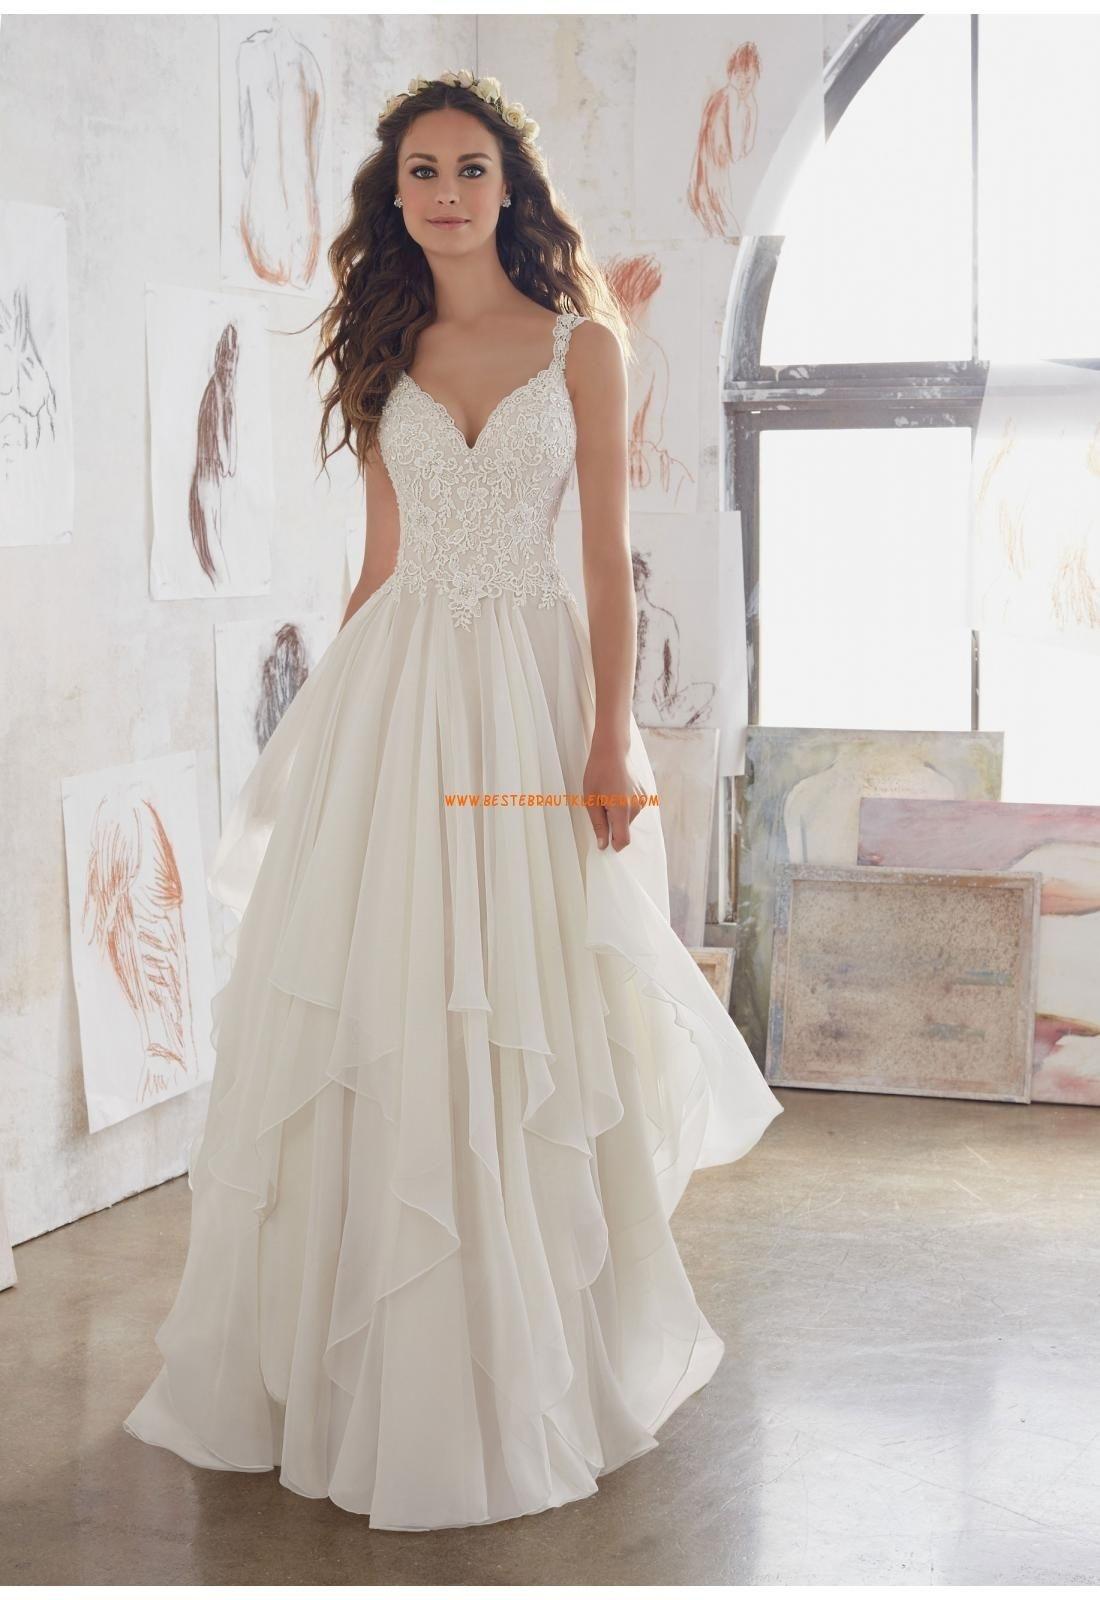 17 Schön Schöne Brautkleider für 2019Formal Einzigartig Schöne Brautkleider Galerie